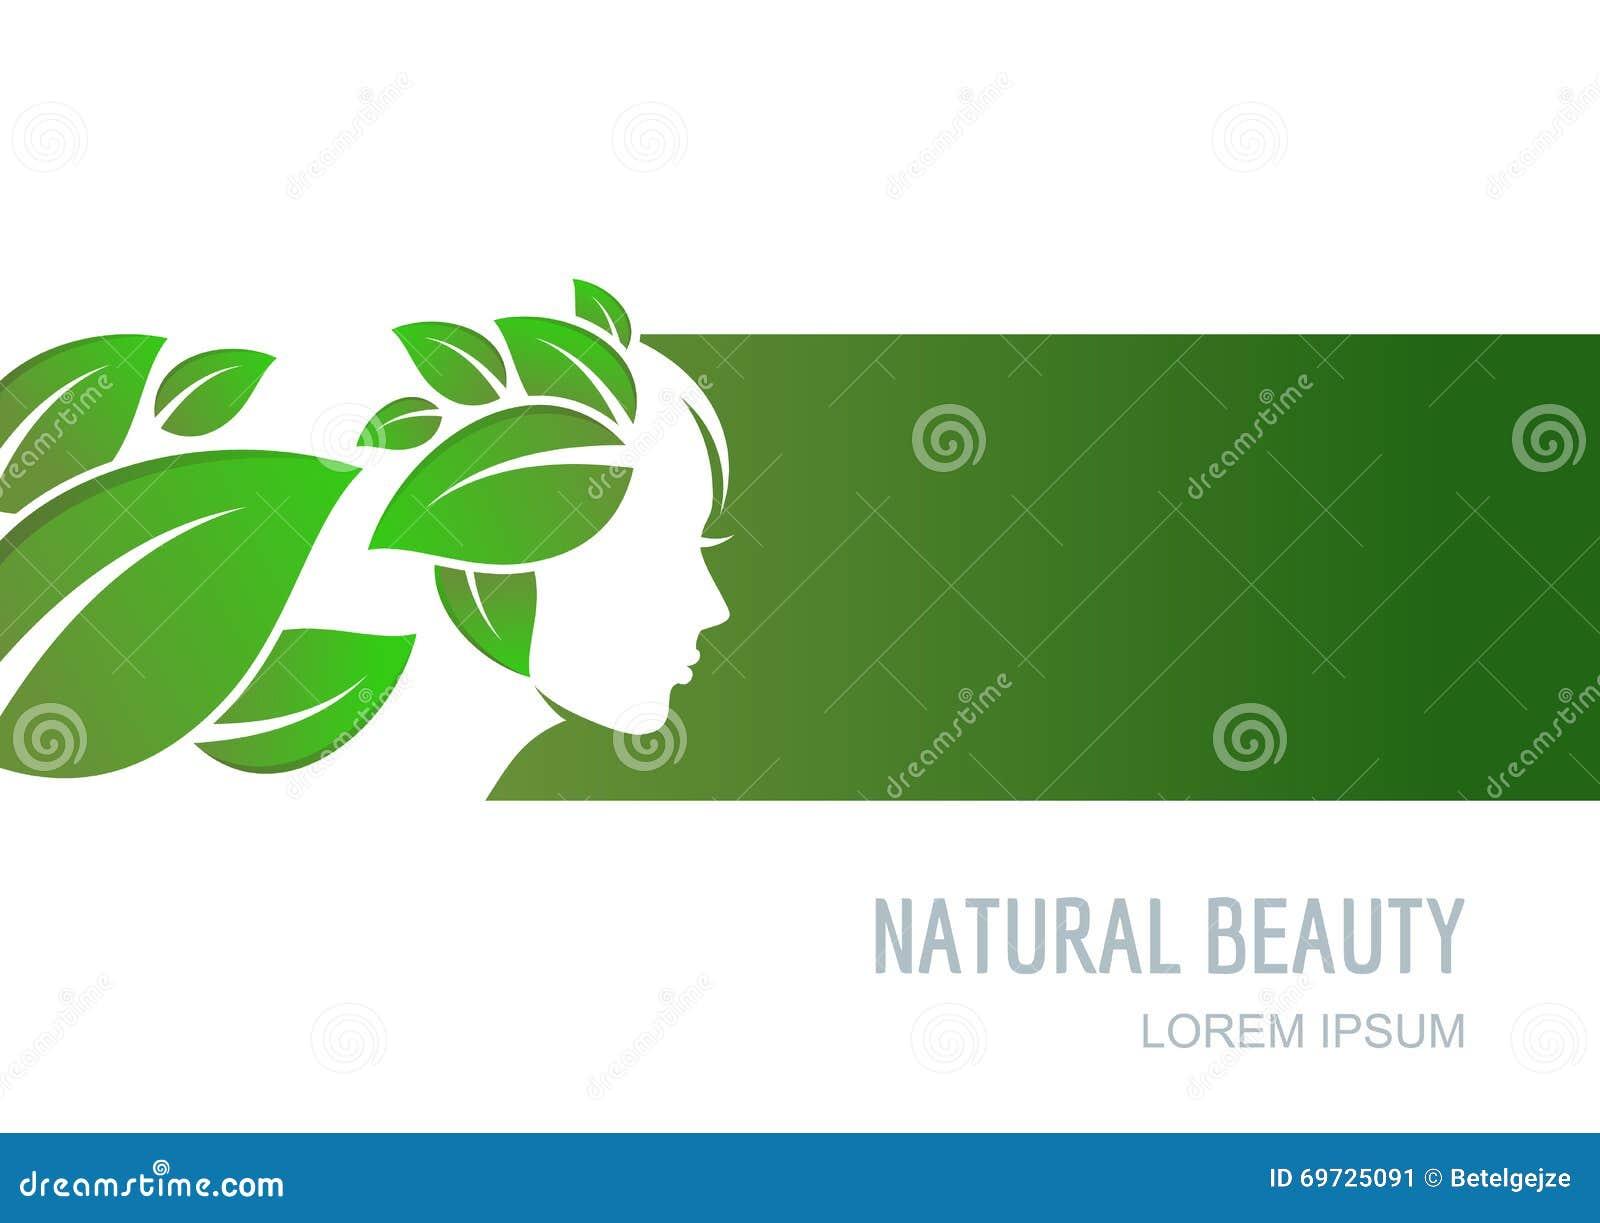 Abstrakt begrepp för skönhetsalongen, skönhetsmedel, brunnsort, naturlig healtcare